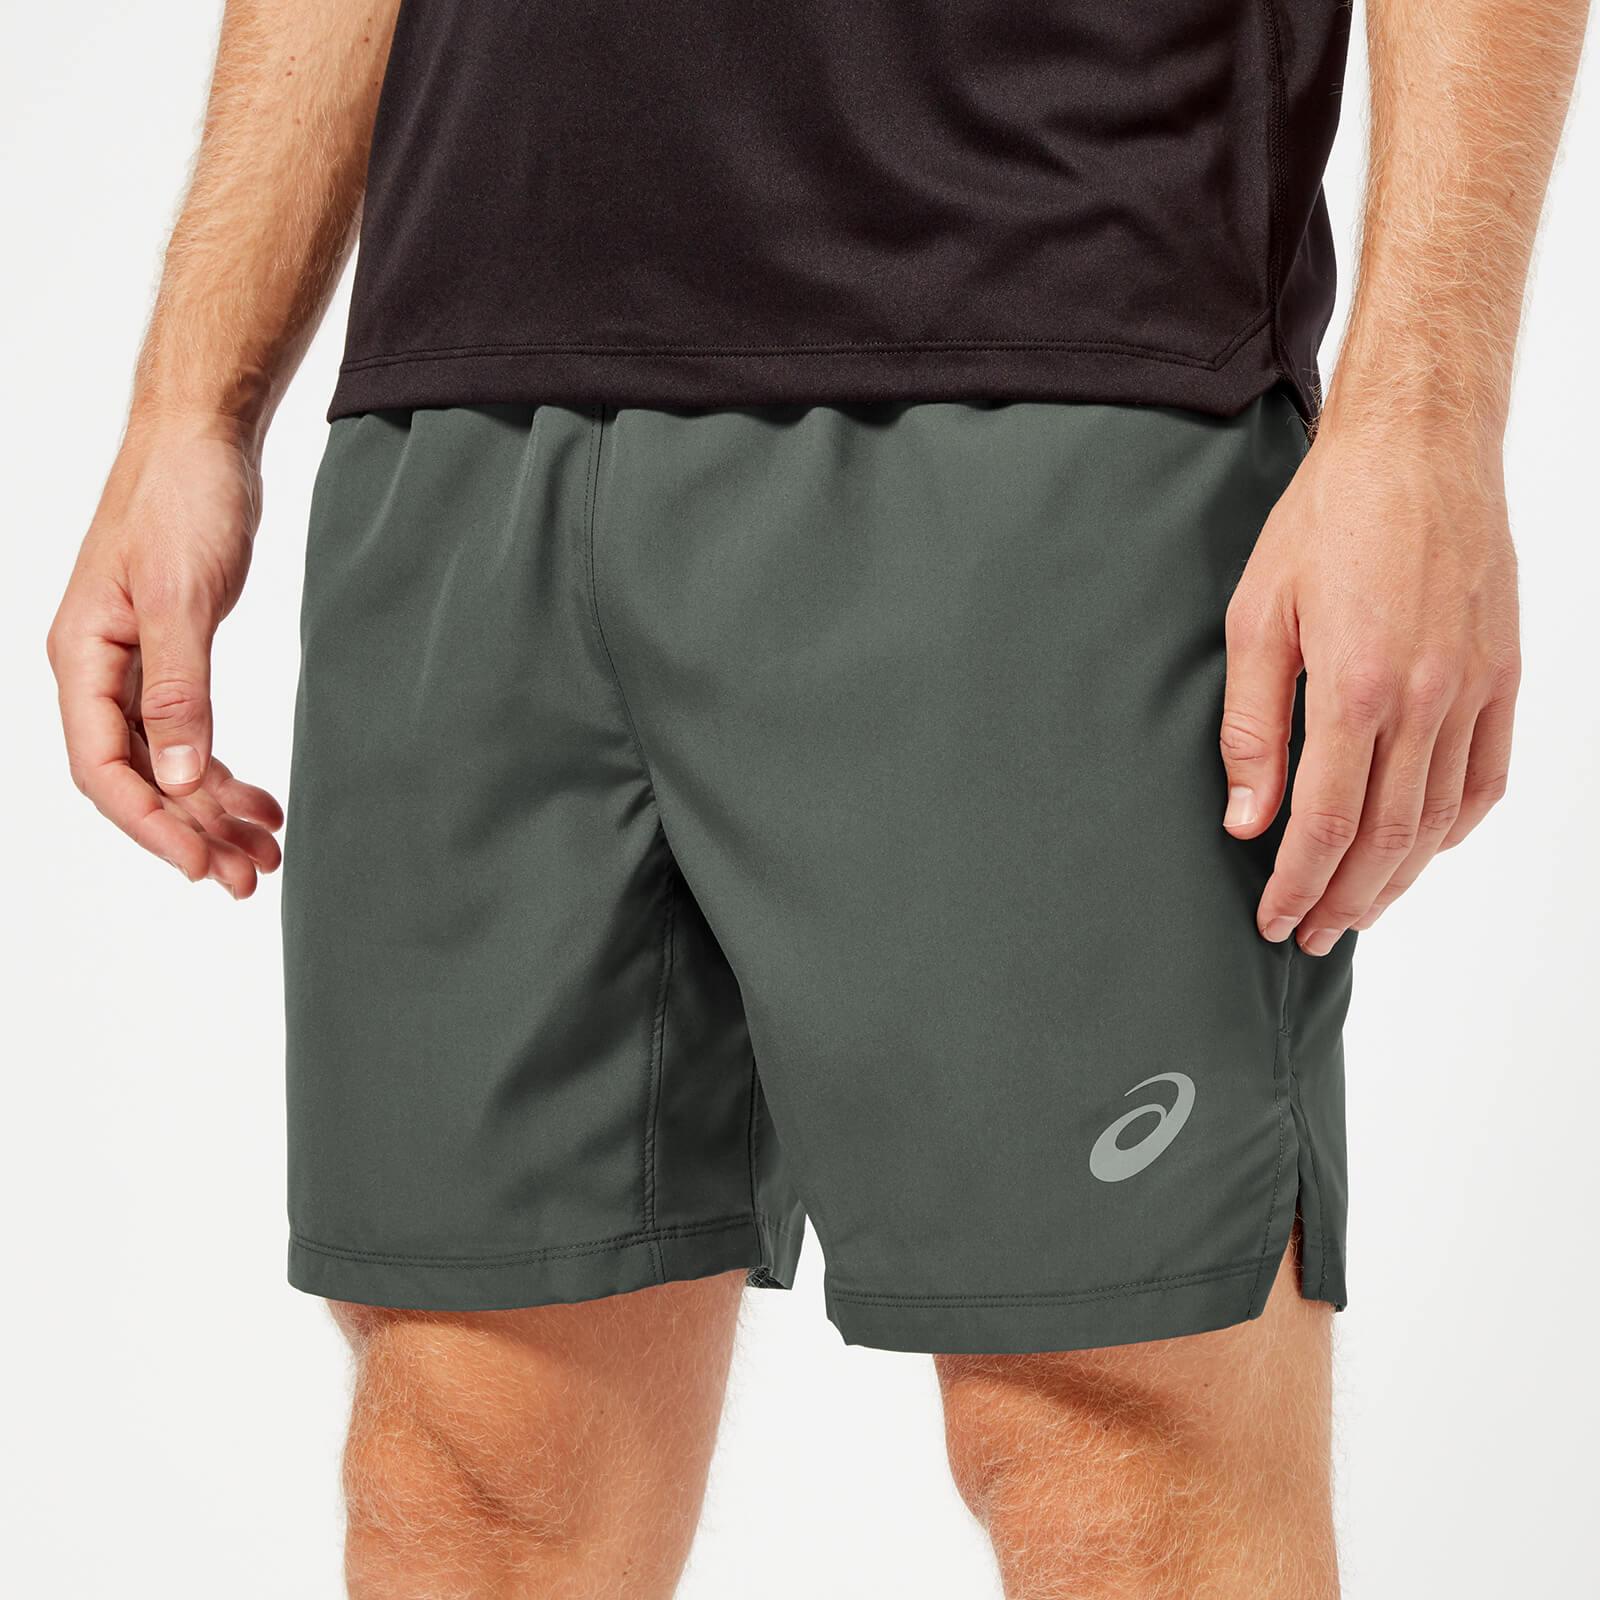 asics mens running shorts